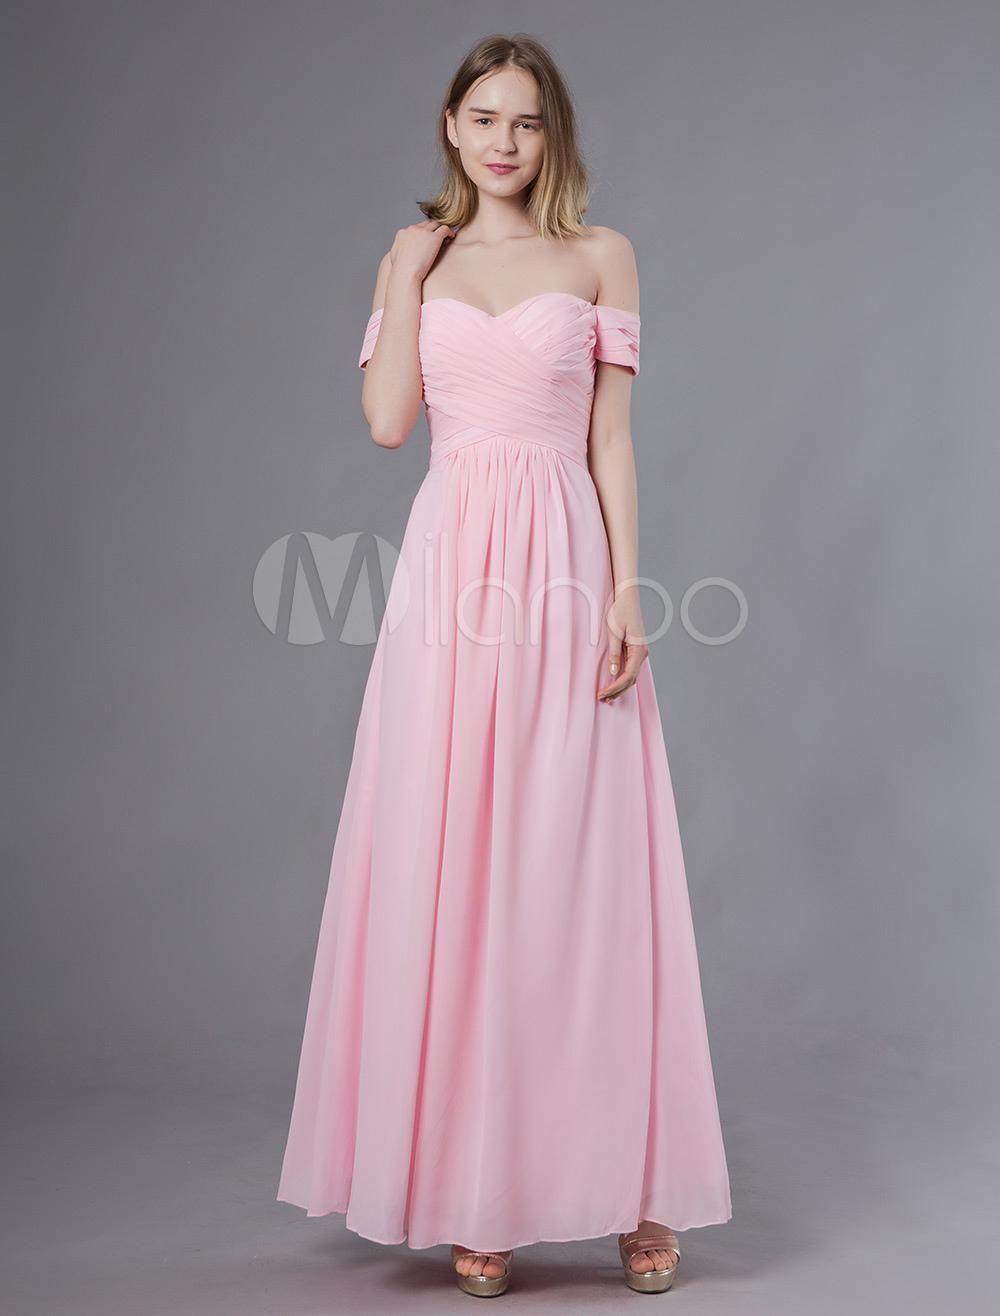 9f3b9ed49 Vestidos de dama de honra longo fora do ombro Soft PinkChiffon Maxi Wedding  Party Dress- ...